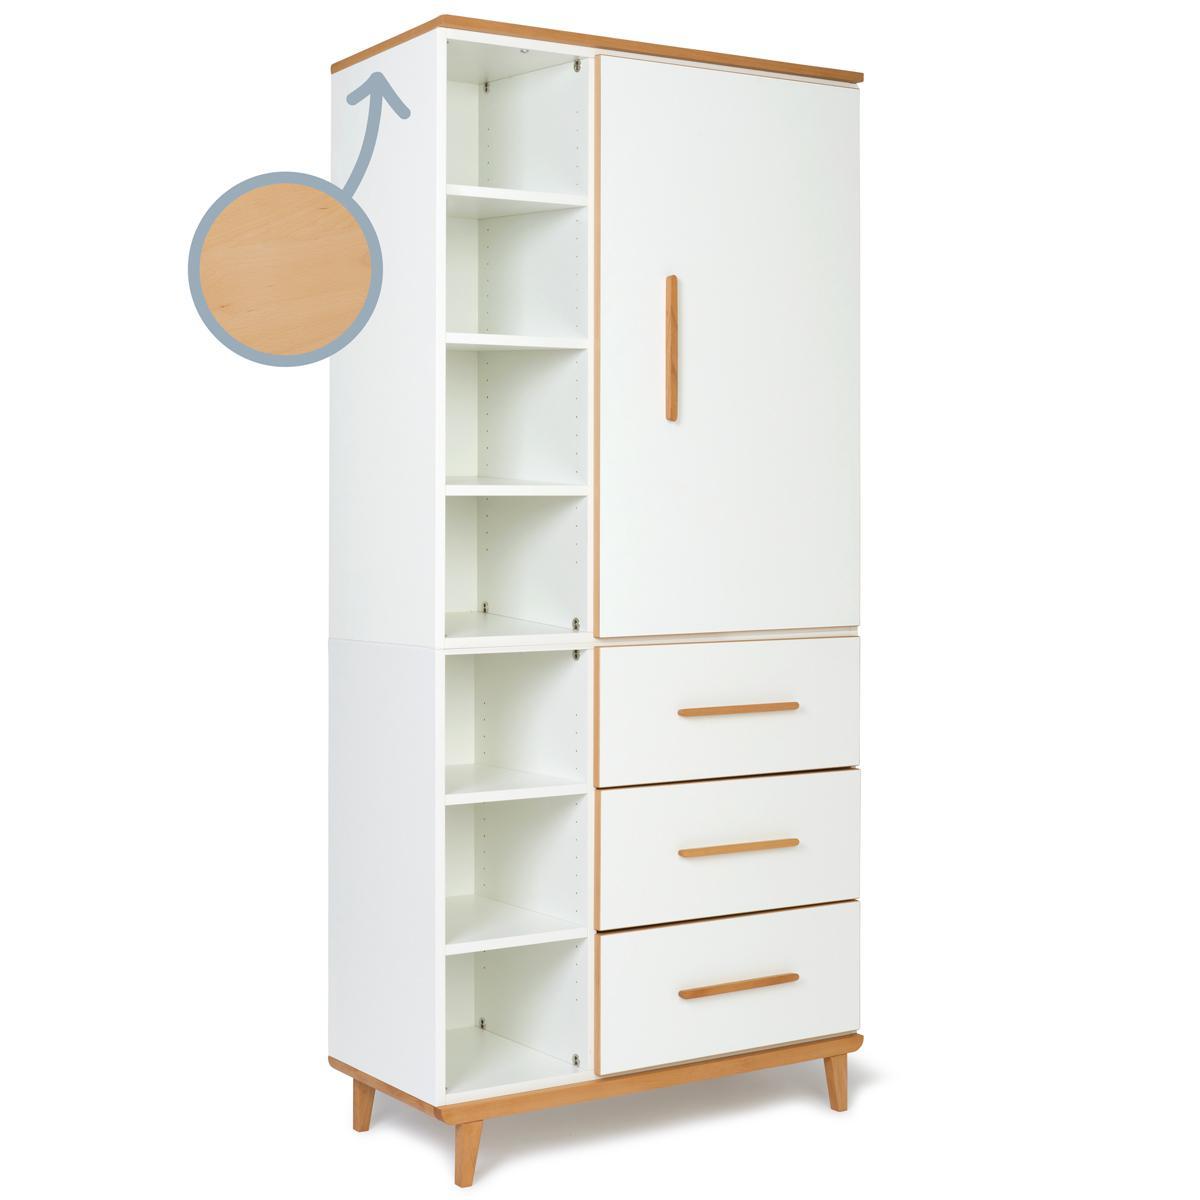 Armoire 198cm 1 porte 3 tiroirs NADO white